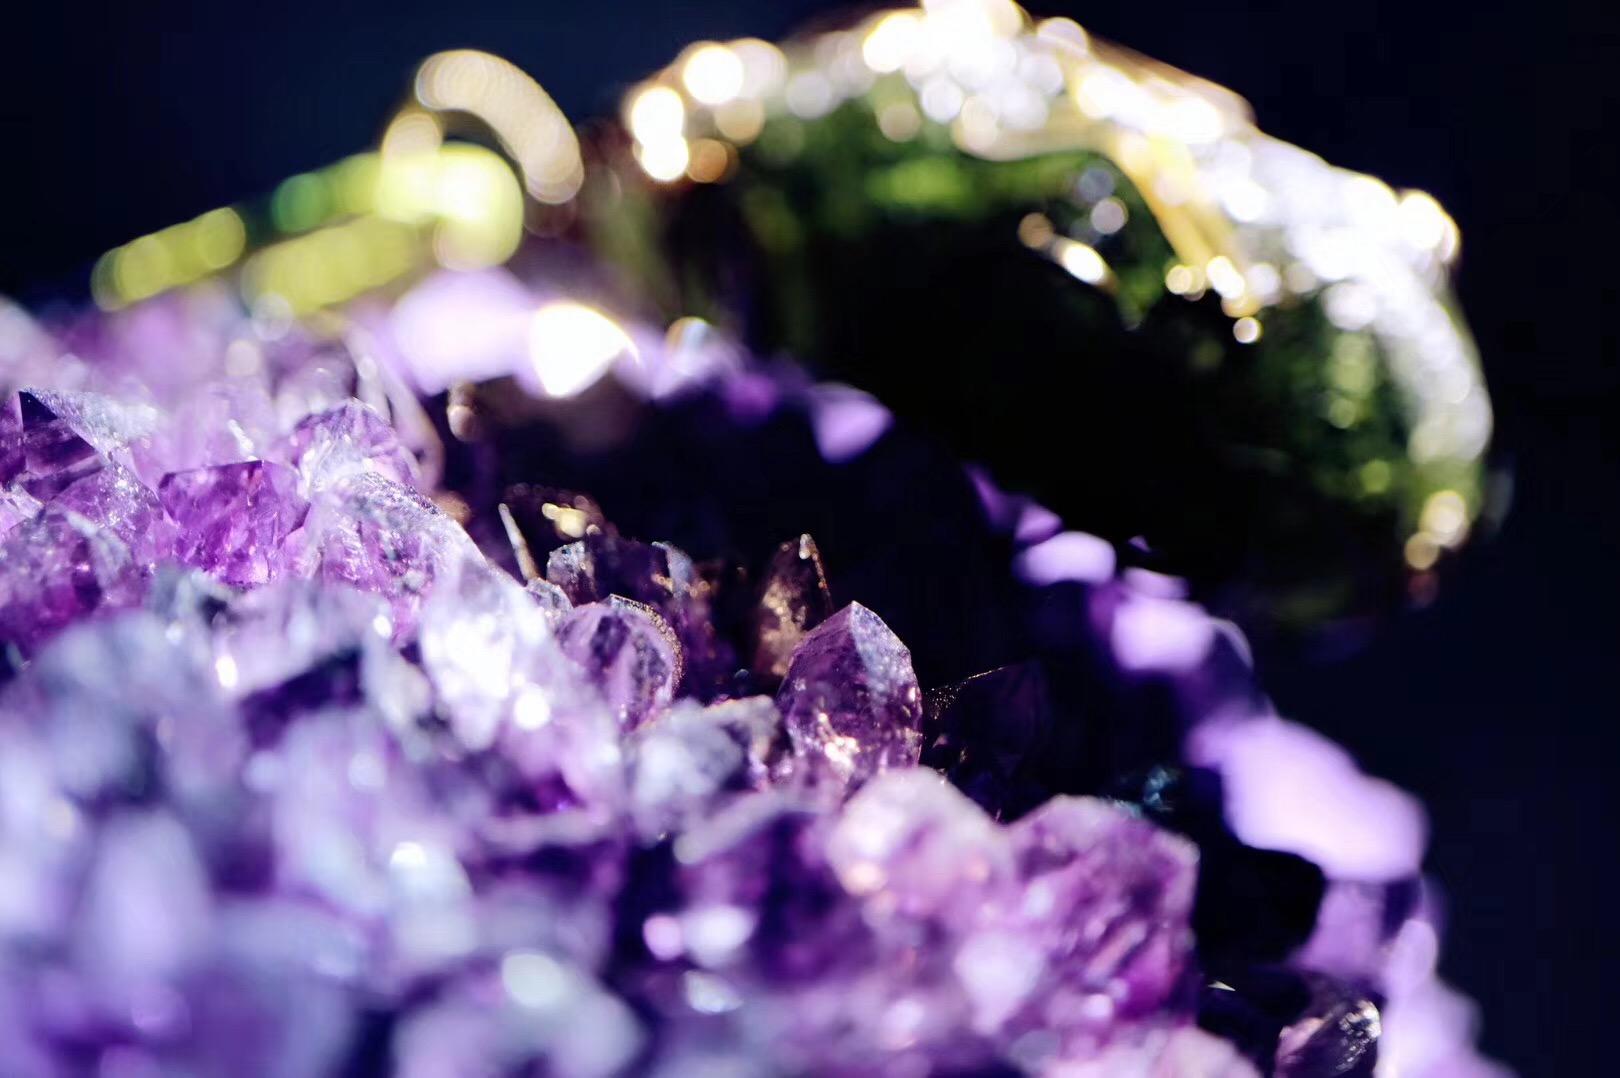 【捷克陨石 | 射手座♐️】怀着满满祝福为爱定制的捷克陨石专属星座款-菩心晶舍